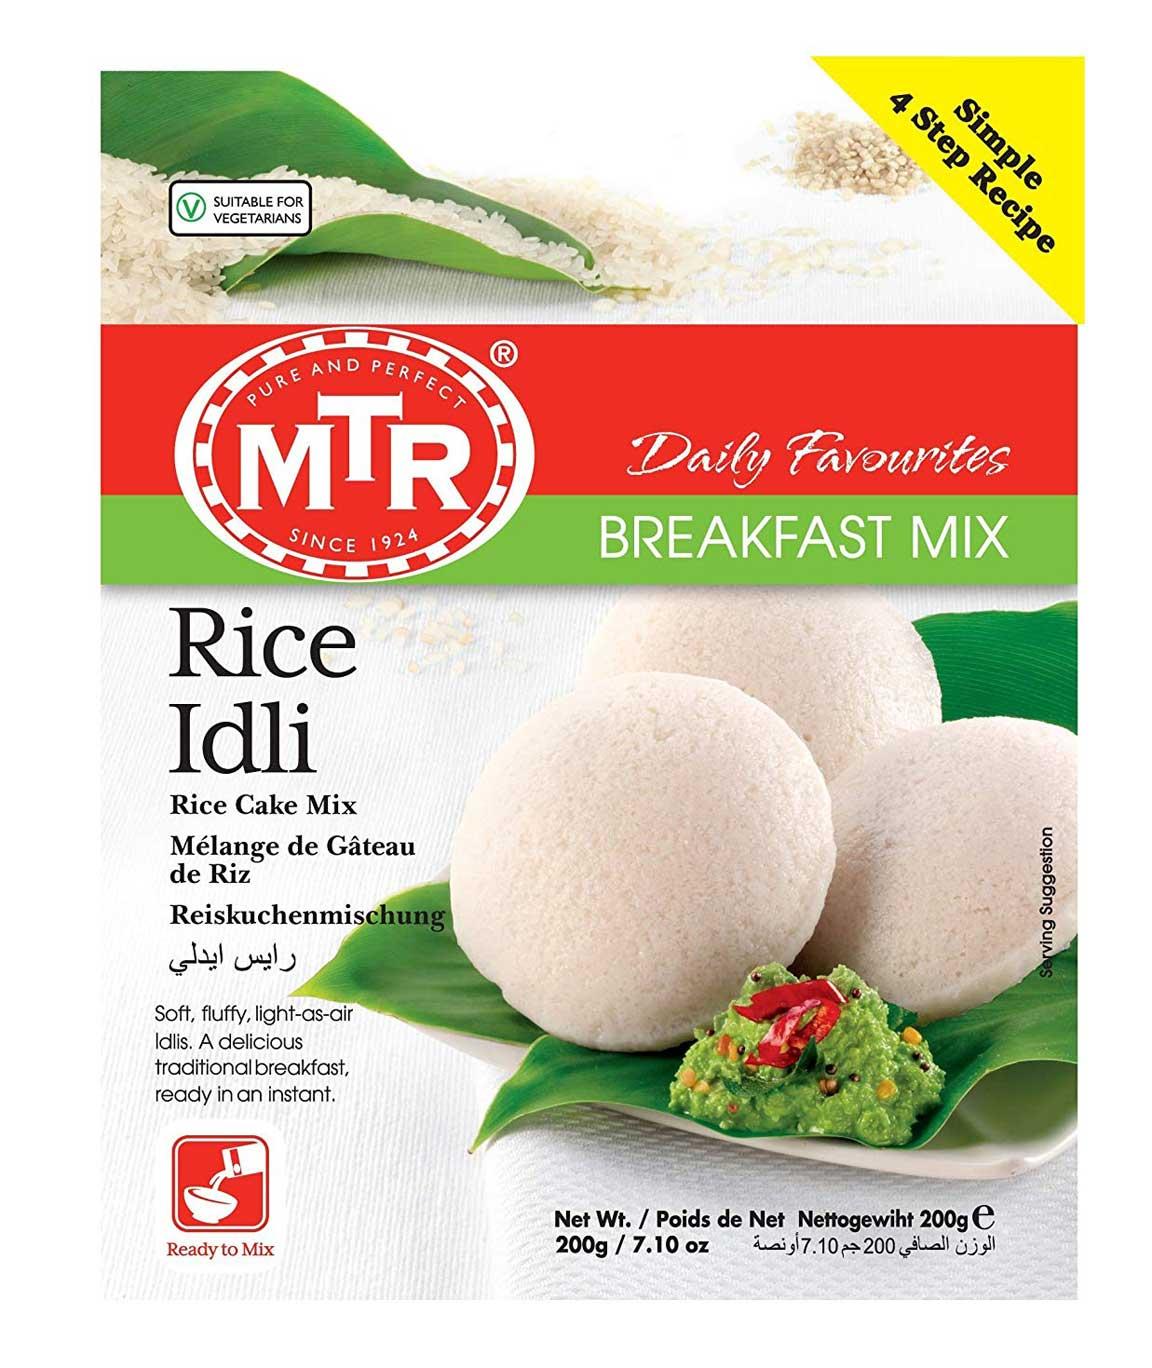 MTR Breakfast Mix Rice Idli, 200g